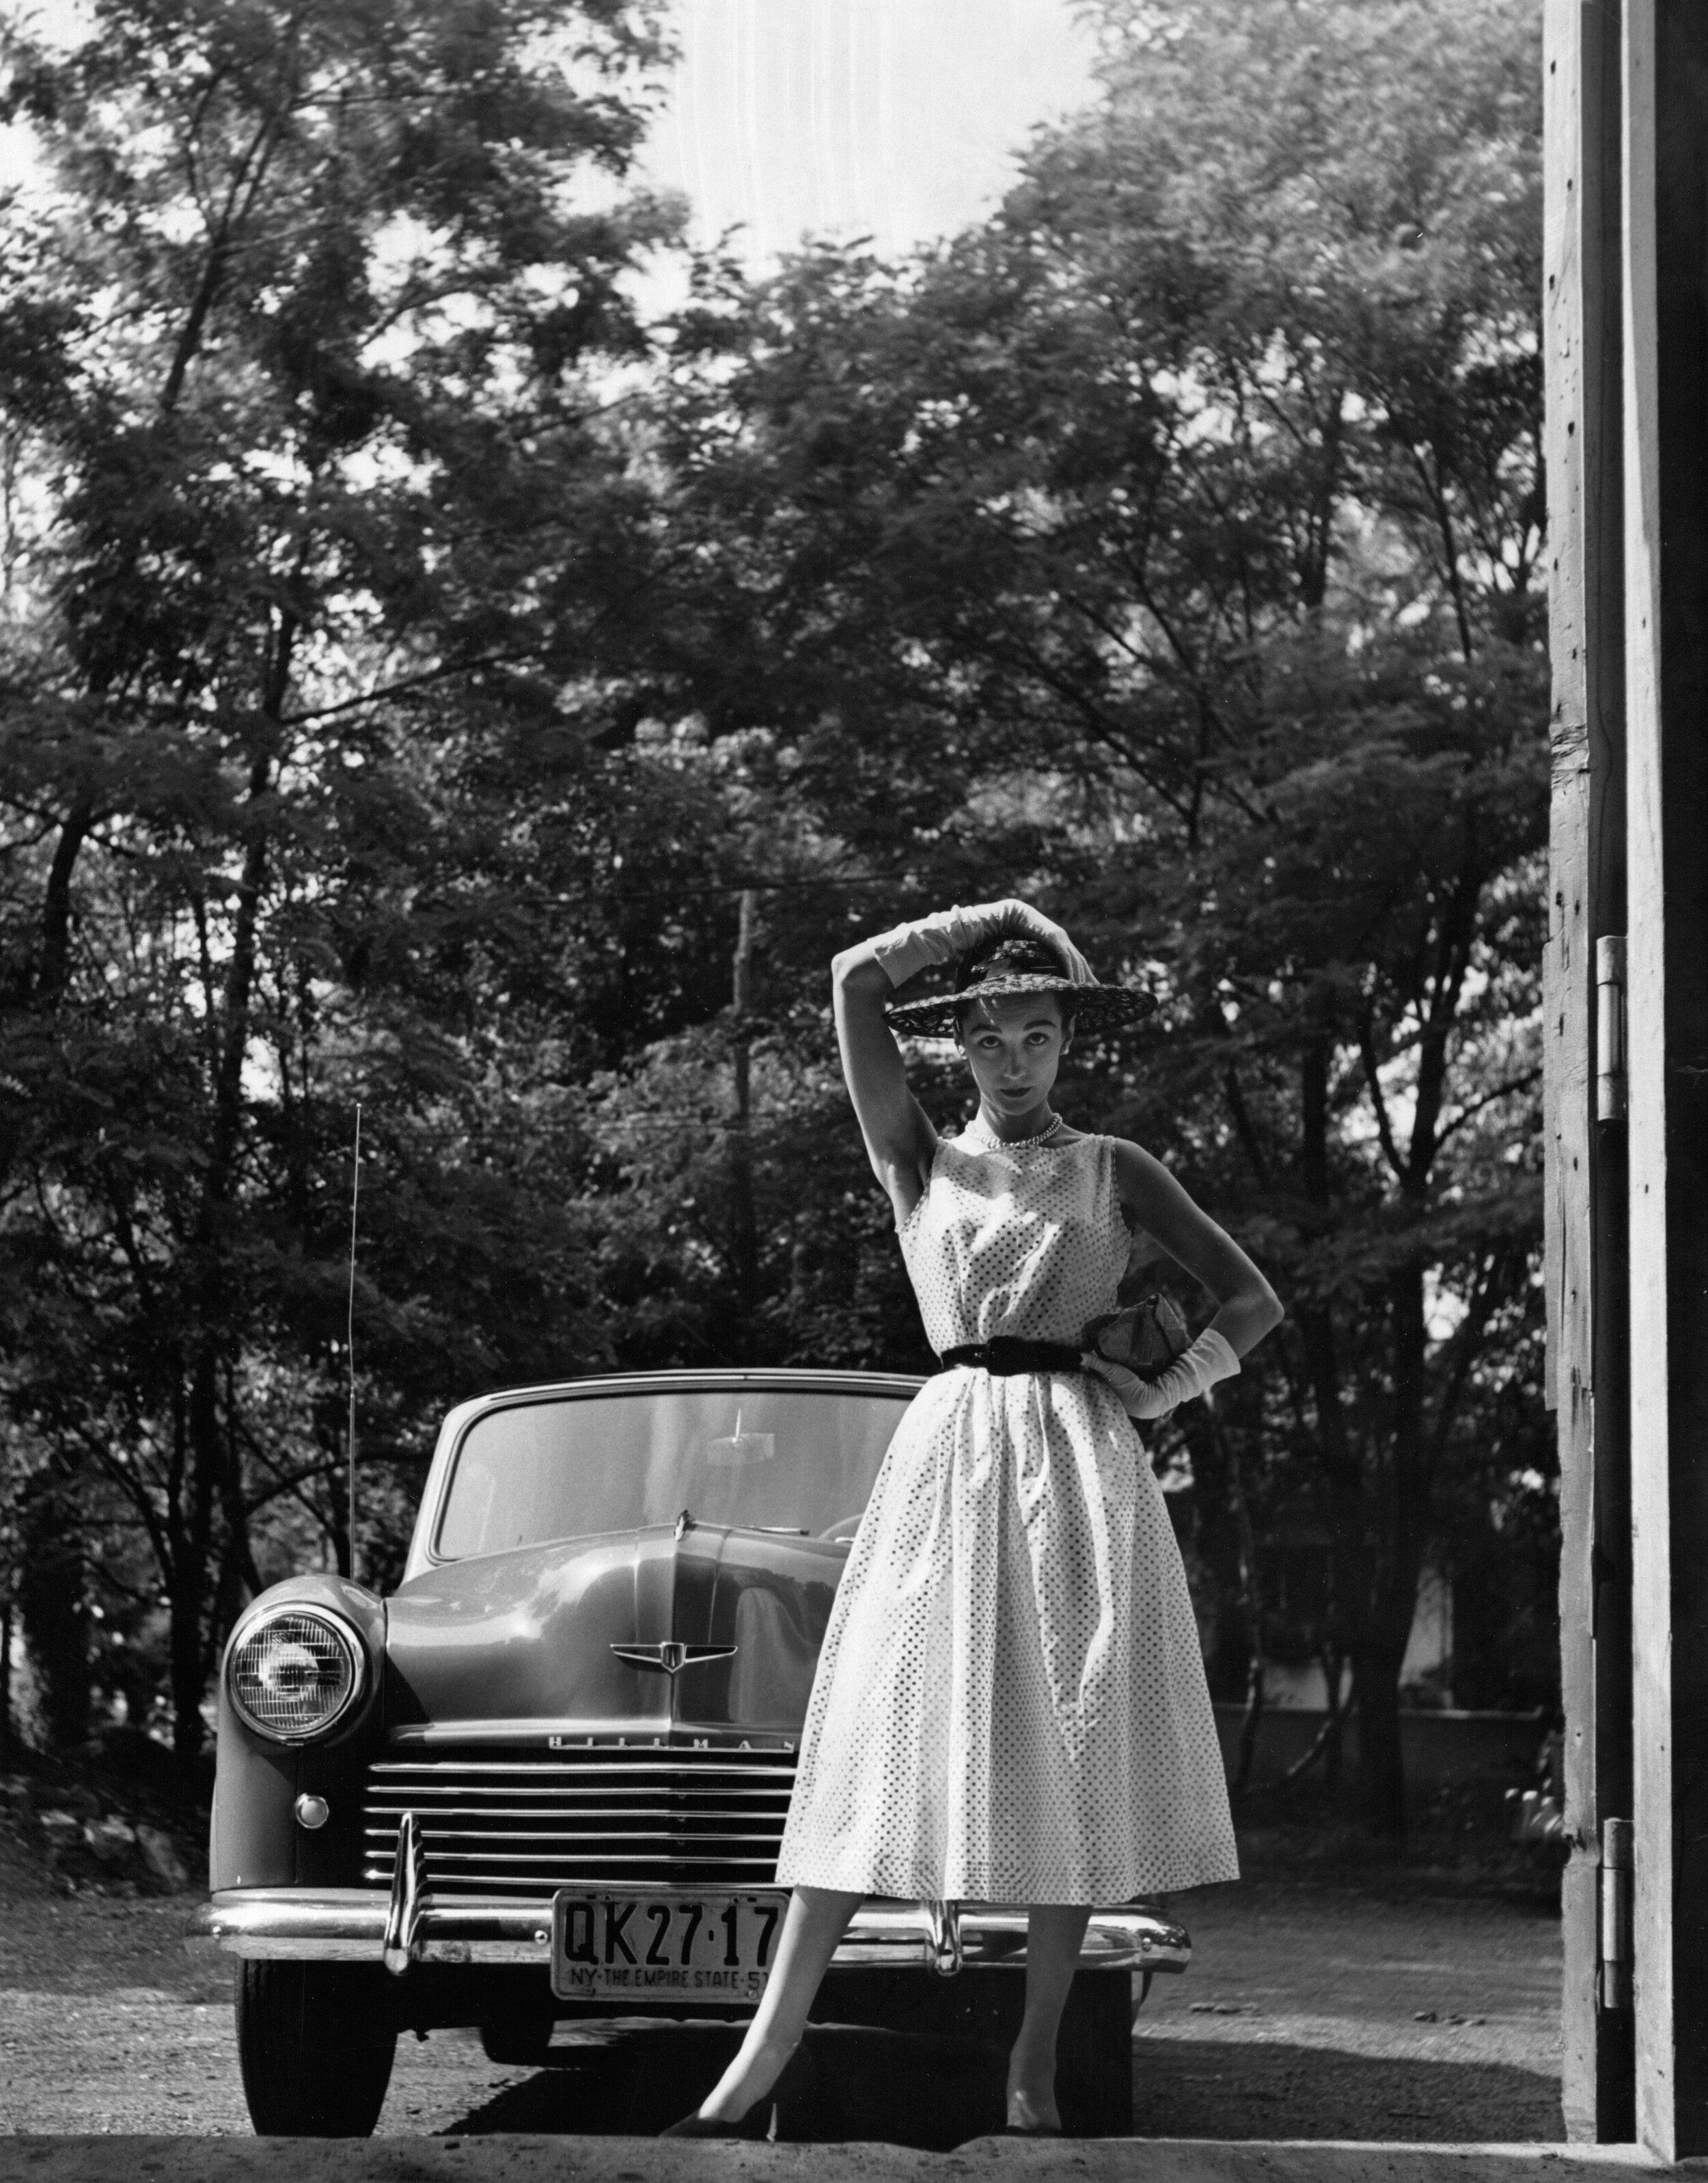 00074-Dan-Wynn-Fashion-00533.jpg